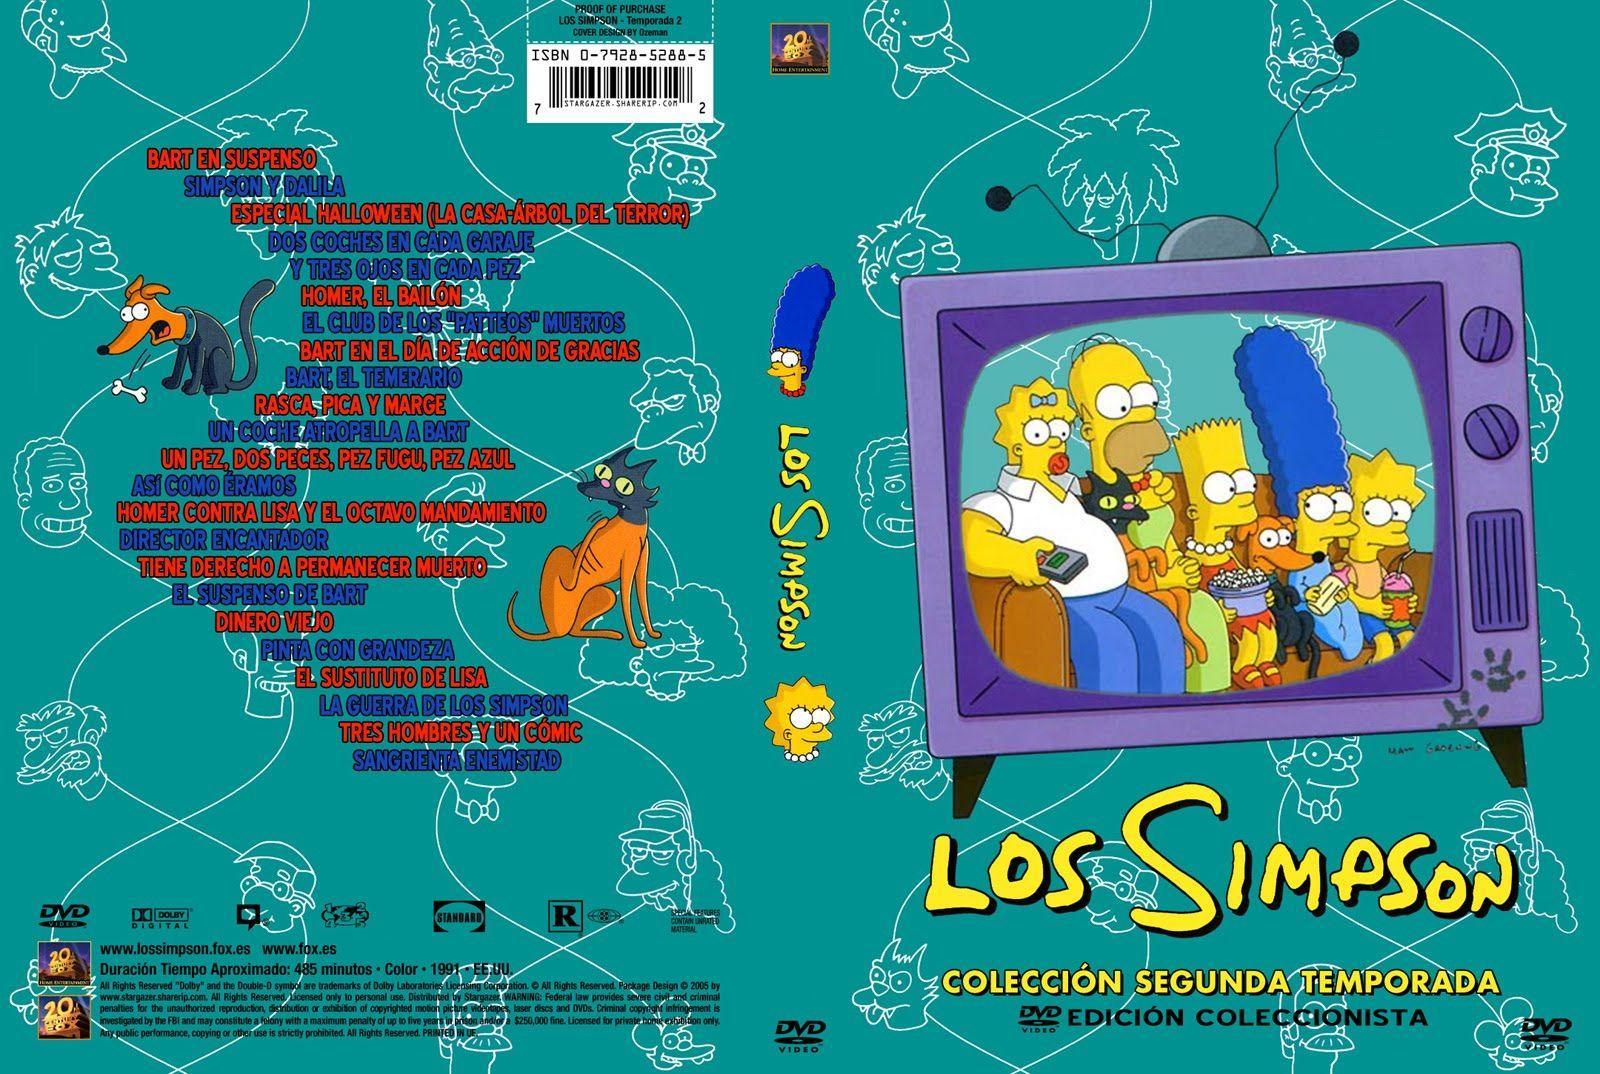 Segunda Temporada The Simpsons Movie Posters Poster